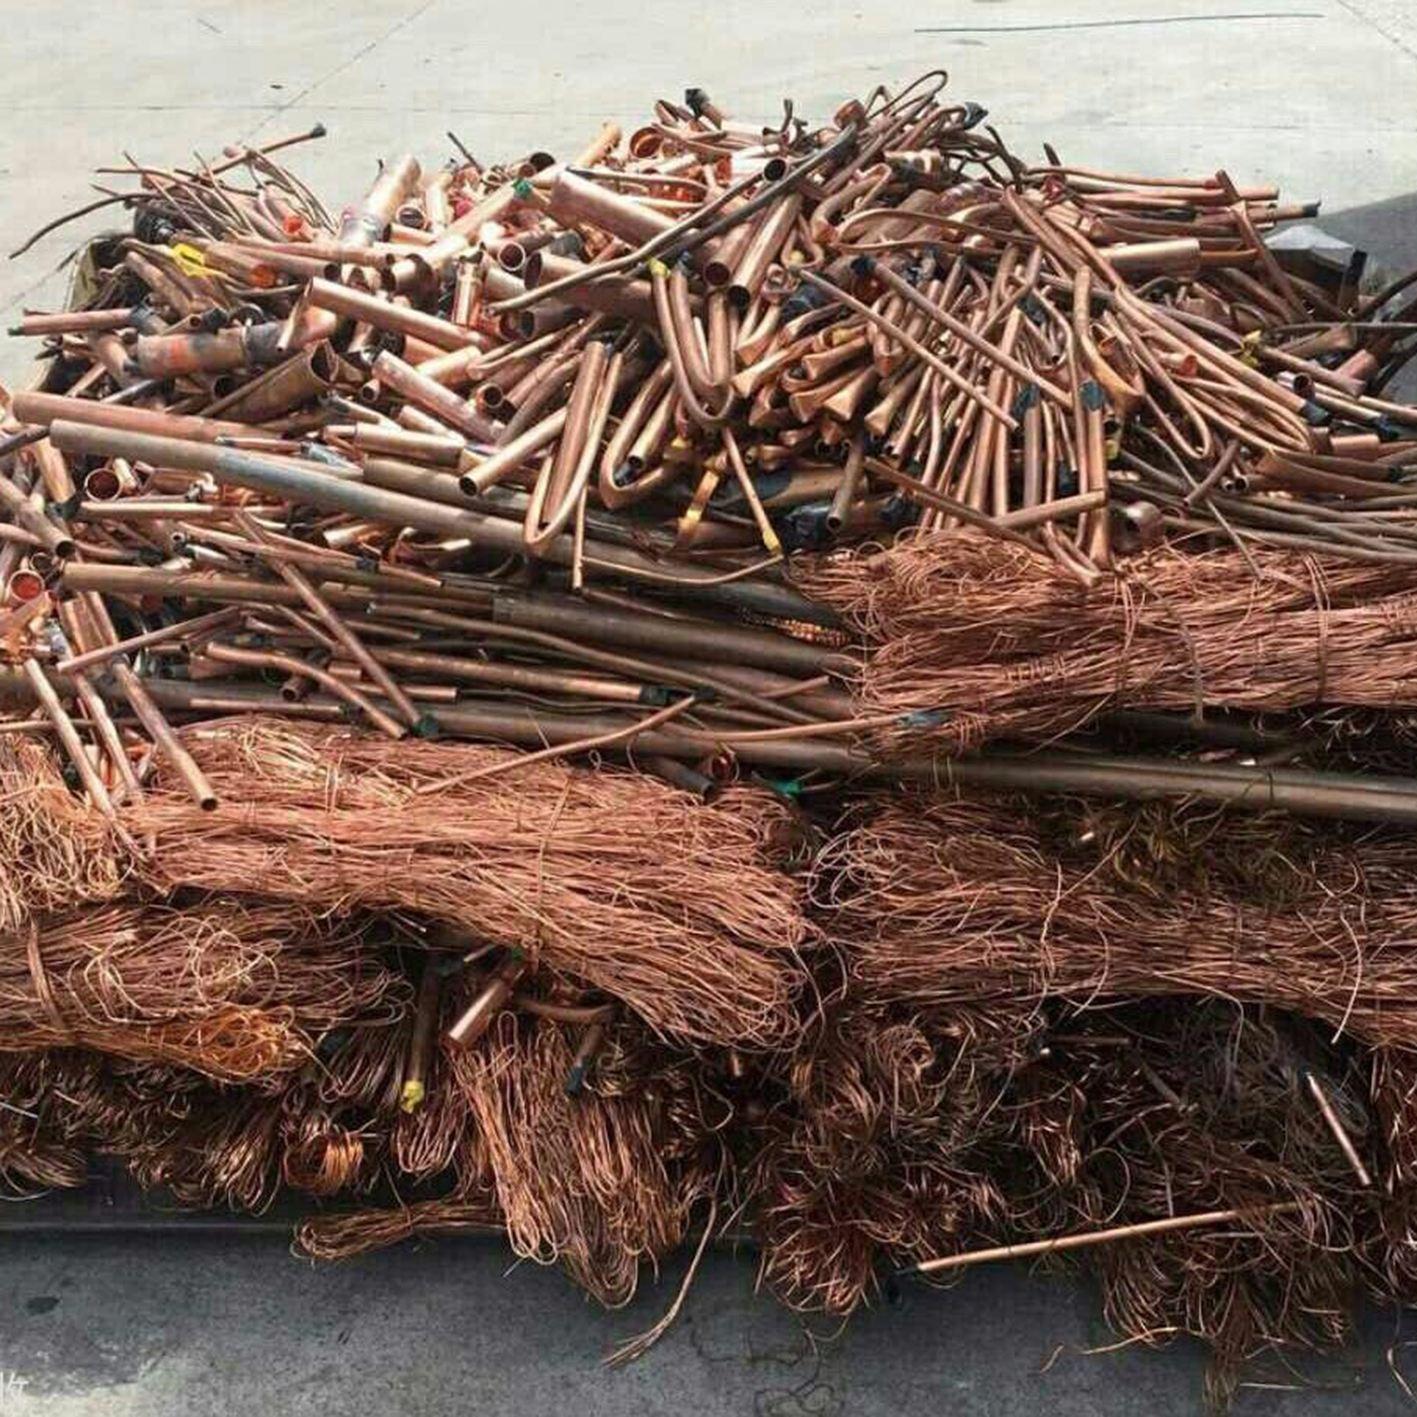 惠州废铜回收 回收废铜 薄利回收 诚信经营